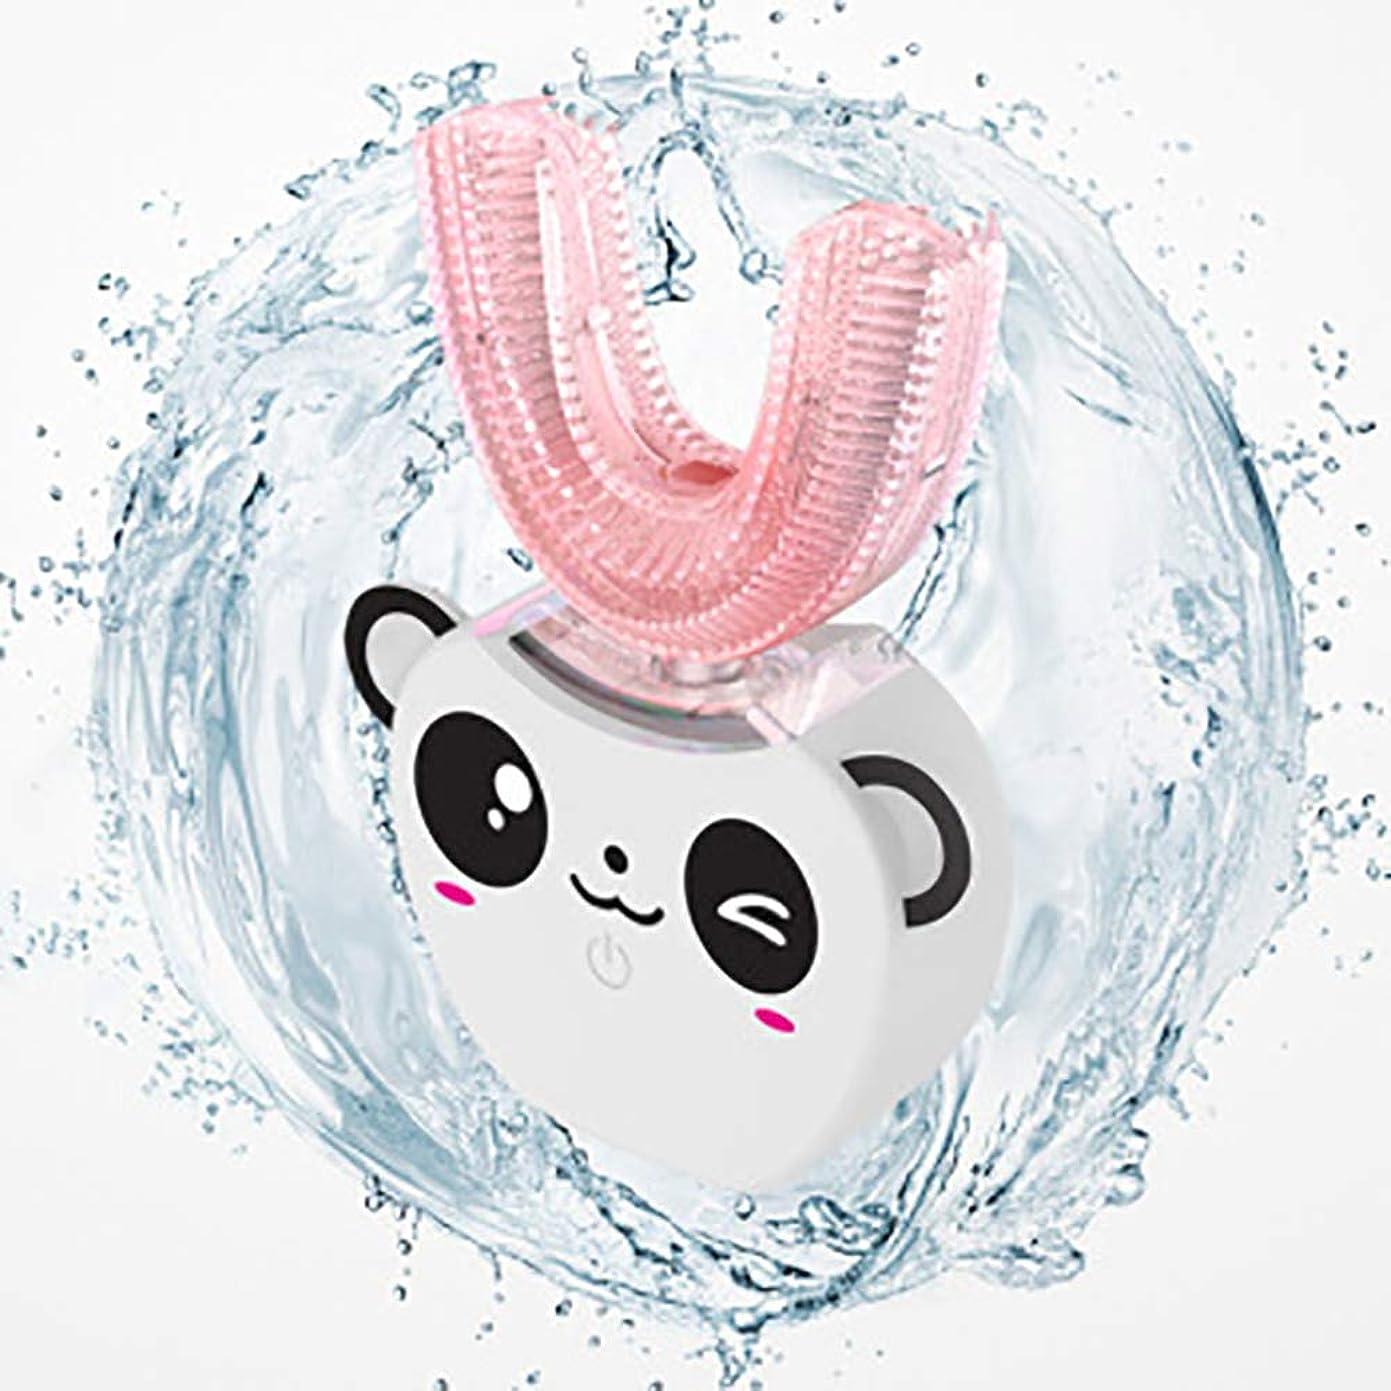 文化顔料デッドロック360度自動インテリジェントパッケージレイジー歯ブラシ電気急速洗浄ソニックホワイトニング充電式歯ブラシ,White,B